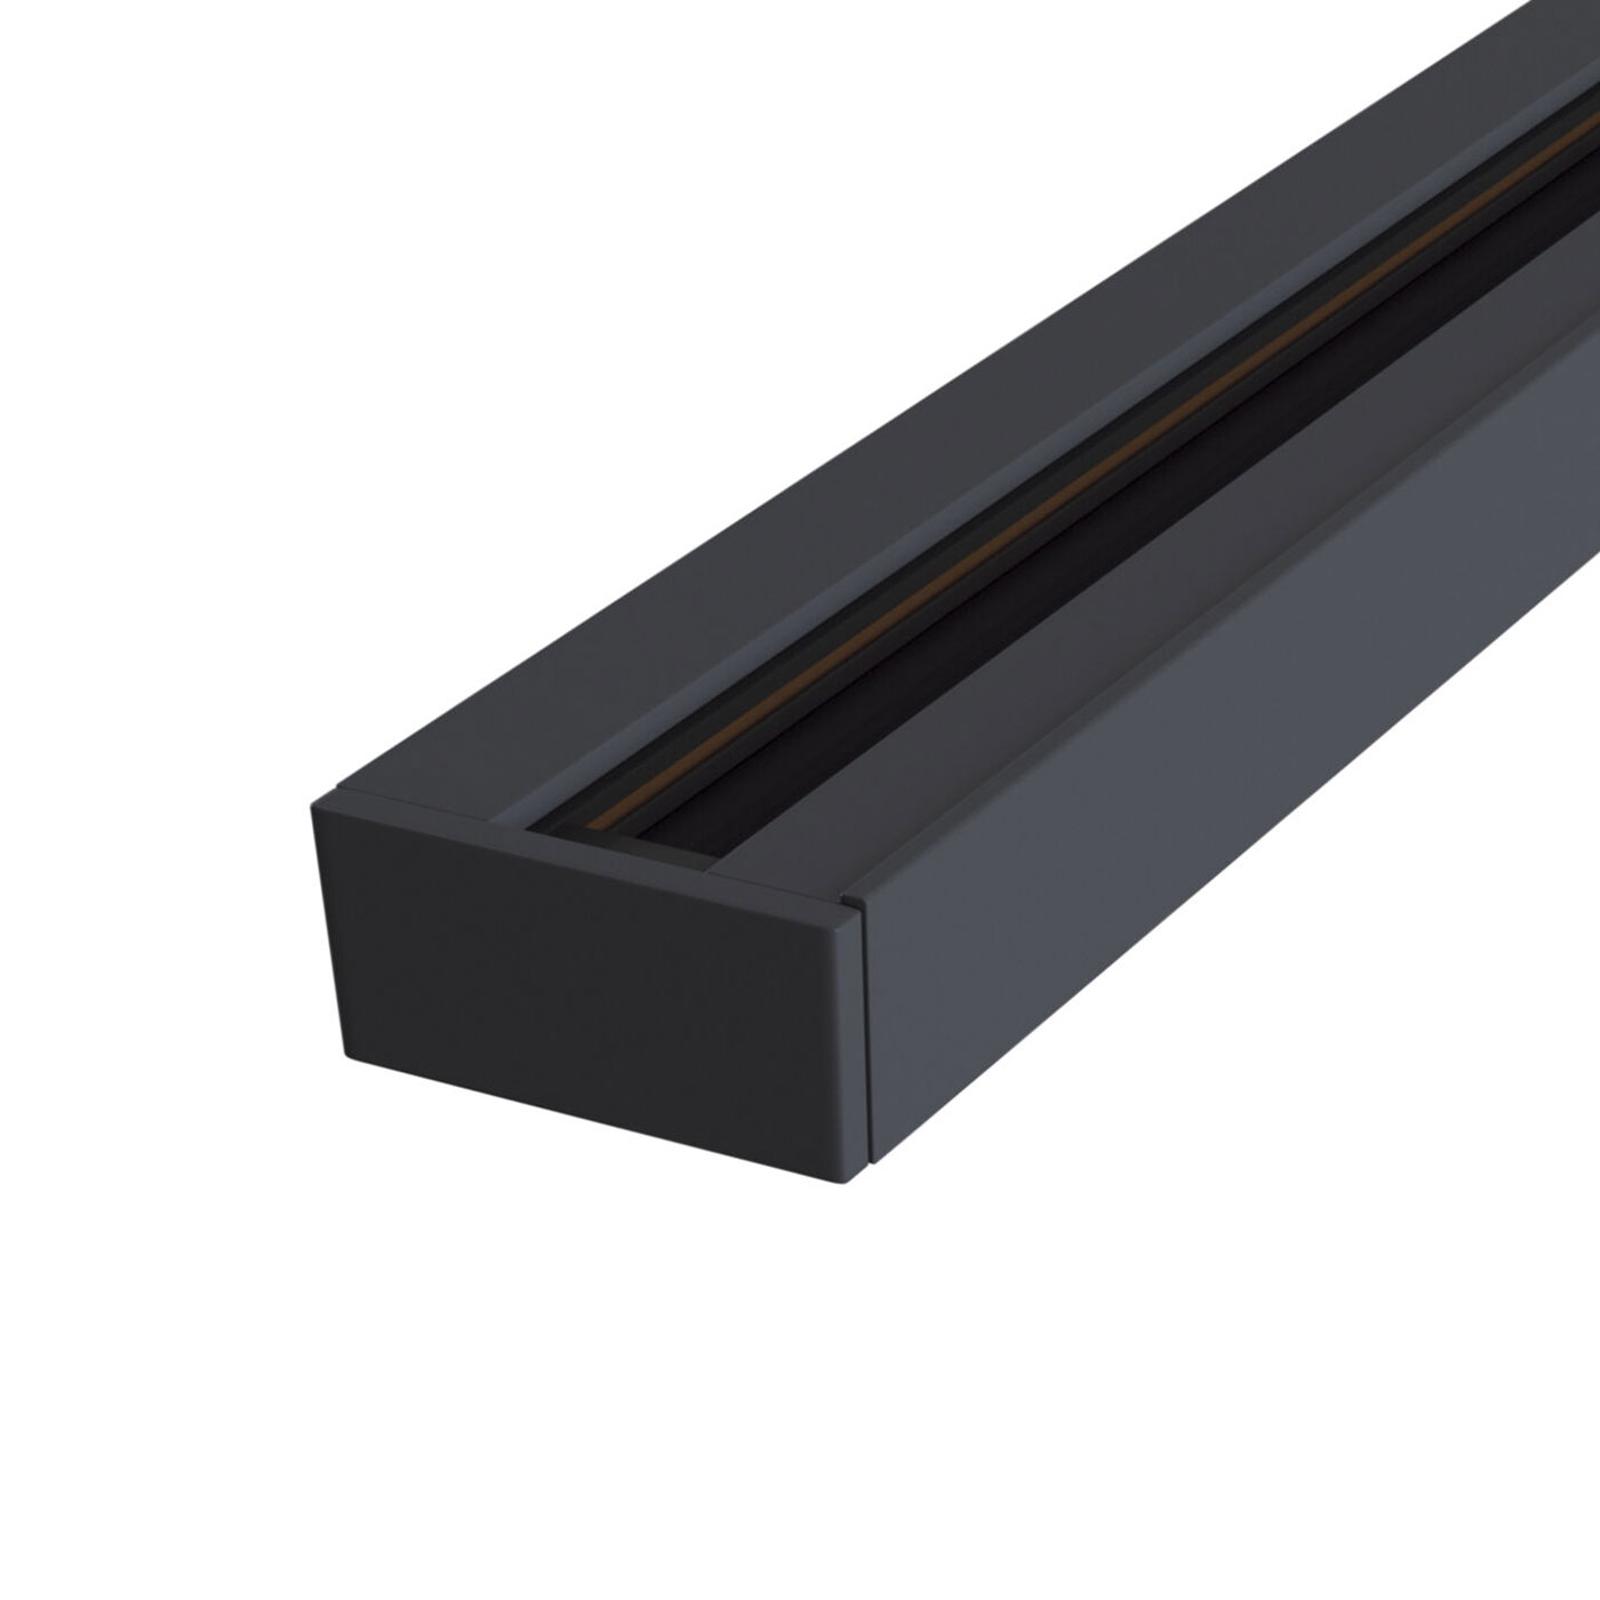 1-Phasen Schiene Track in Schwarz, 100 cm